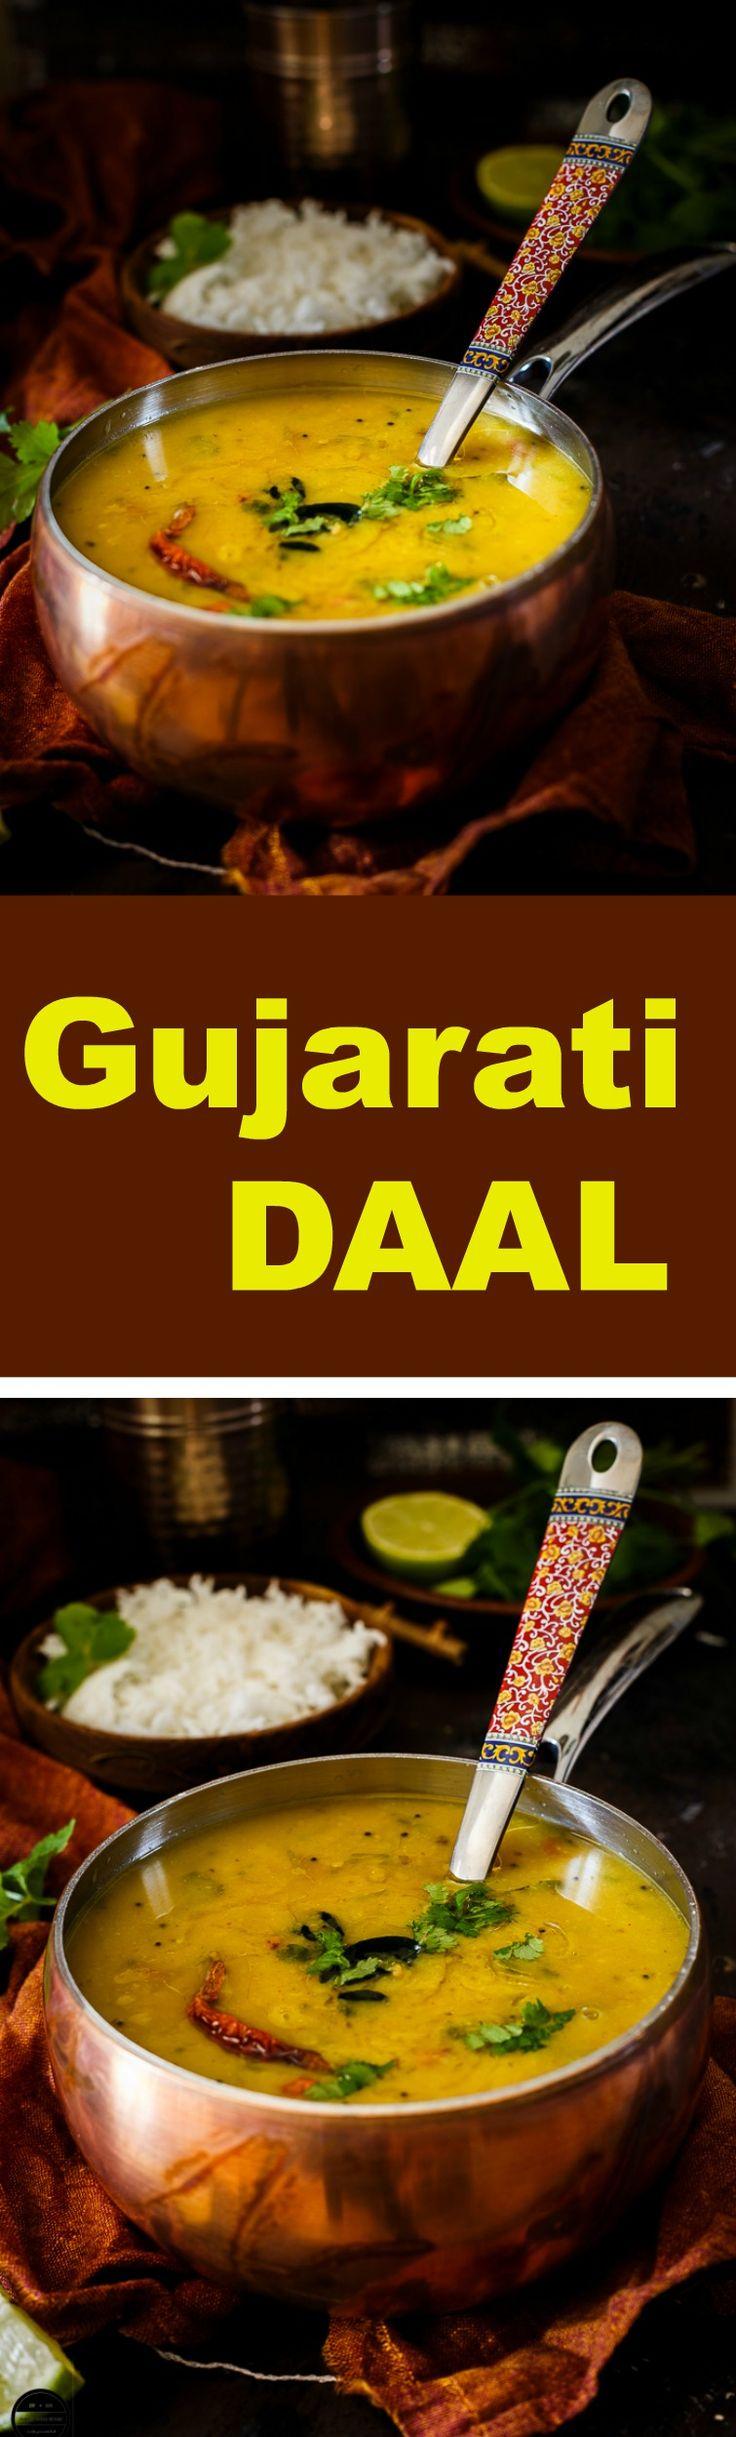 Gujarati Daal